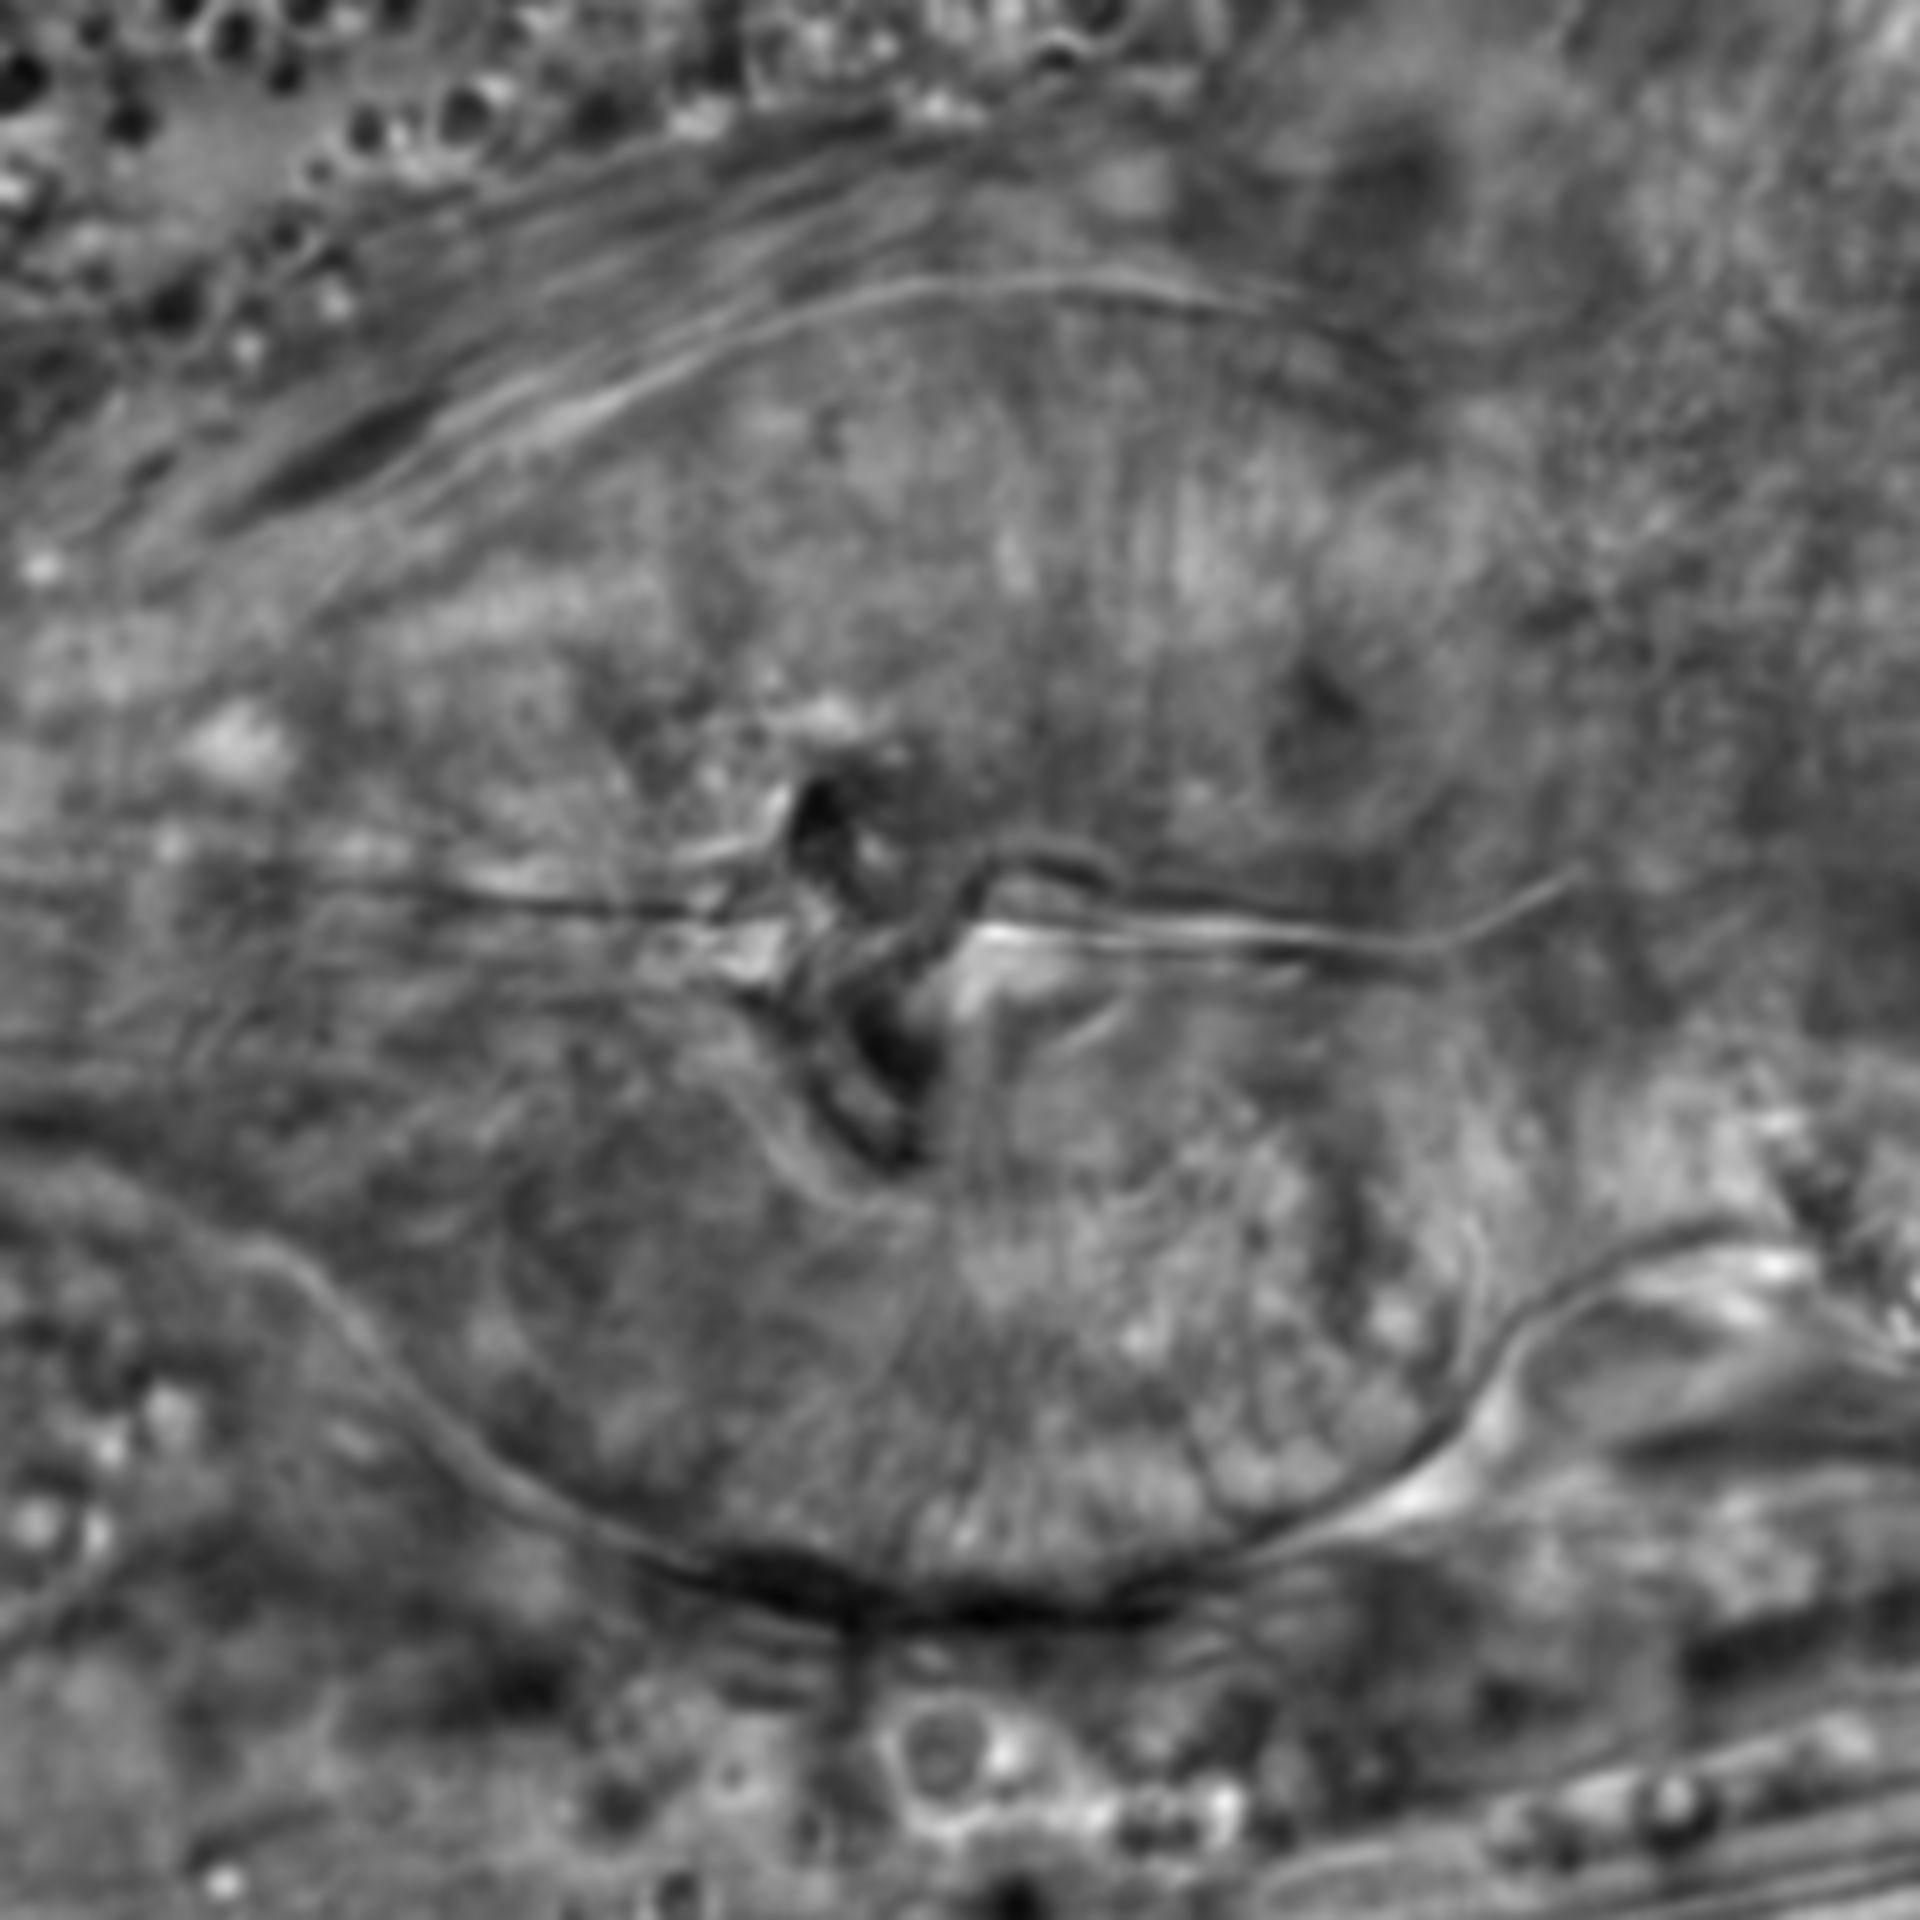 Caenorhabditis elegans - CIL:1753